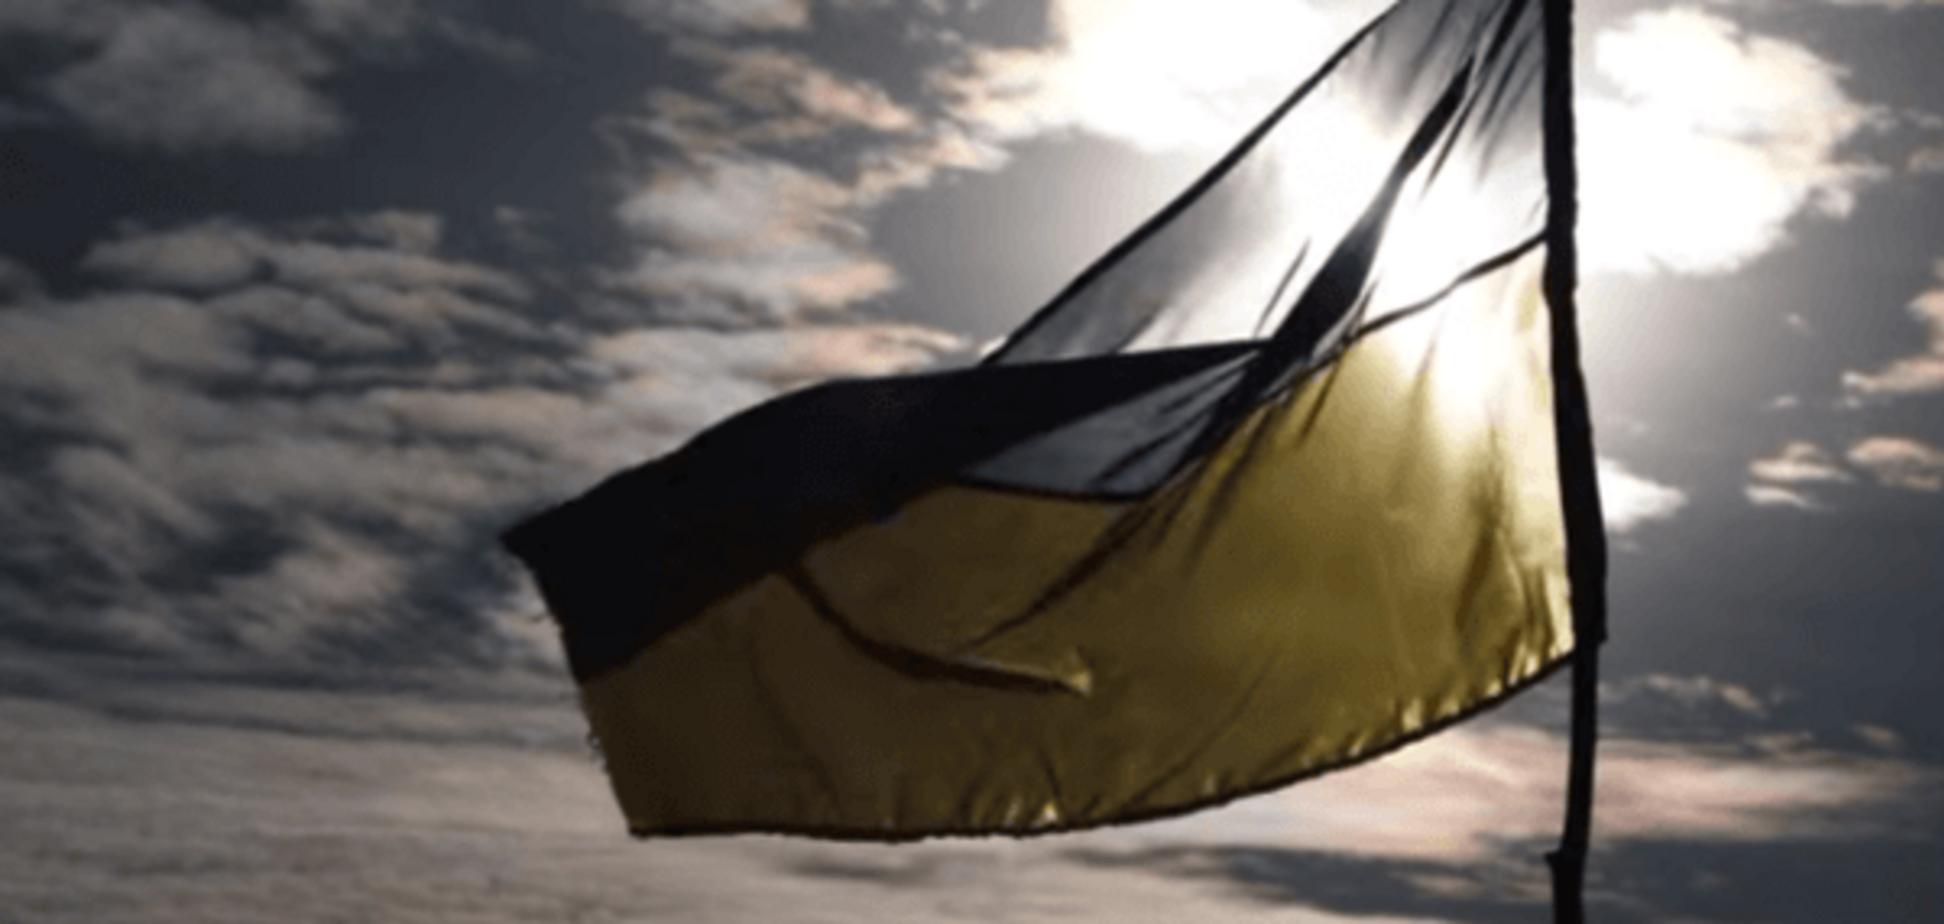 Добровольцы АТО поздравили украинцев с Рождеством клипом 'Щедрик'